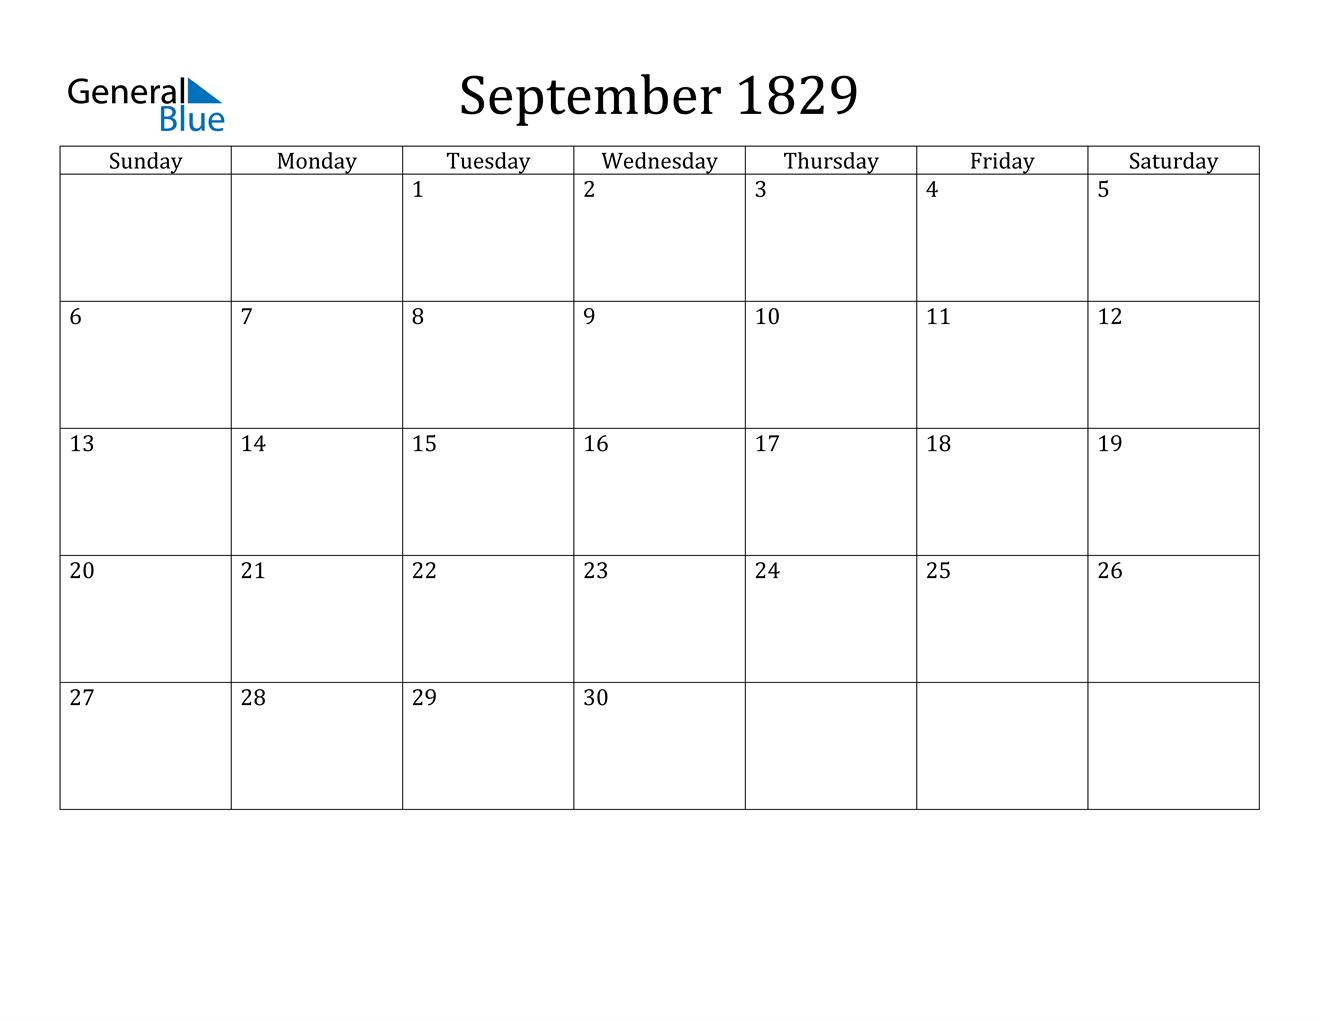 Image of September 1829 Calendar